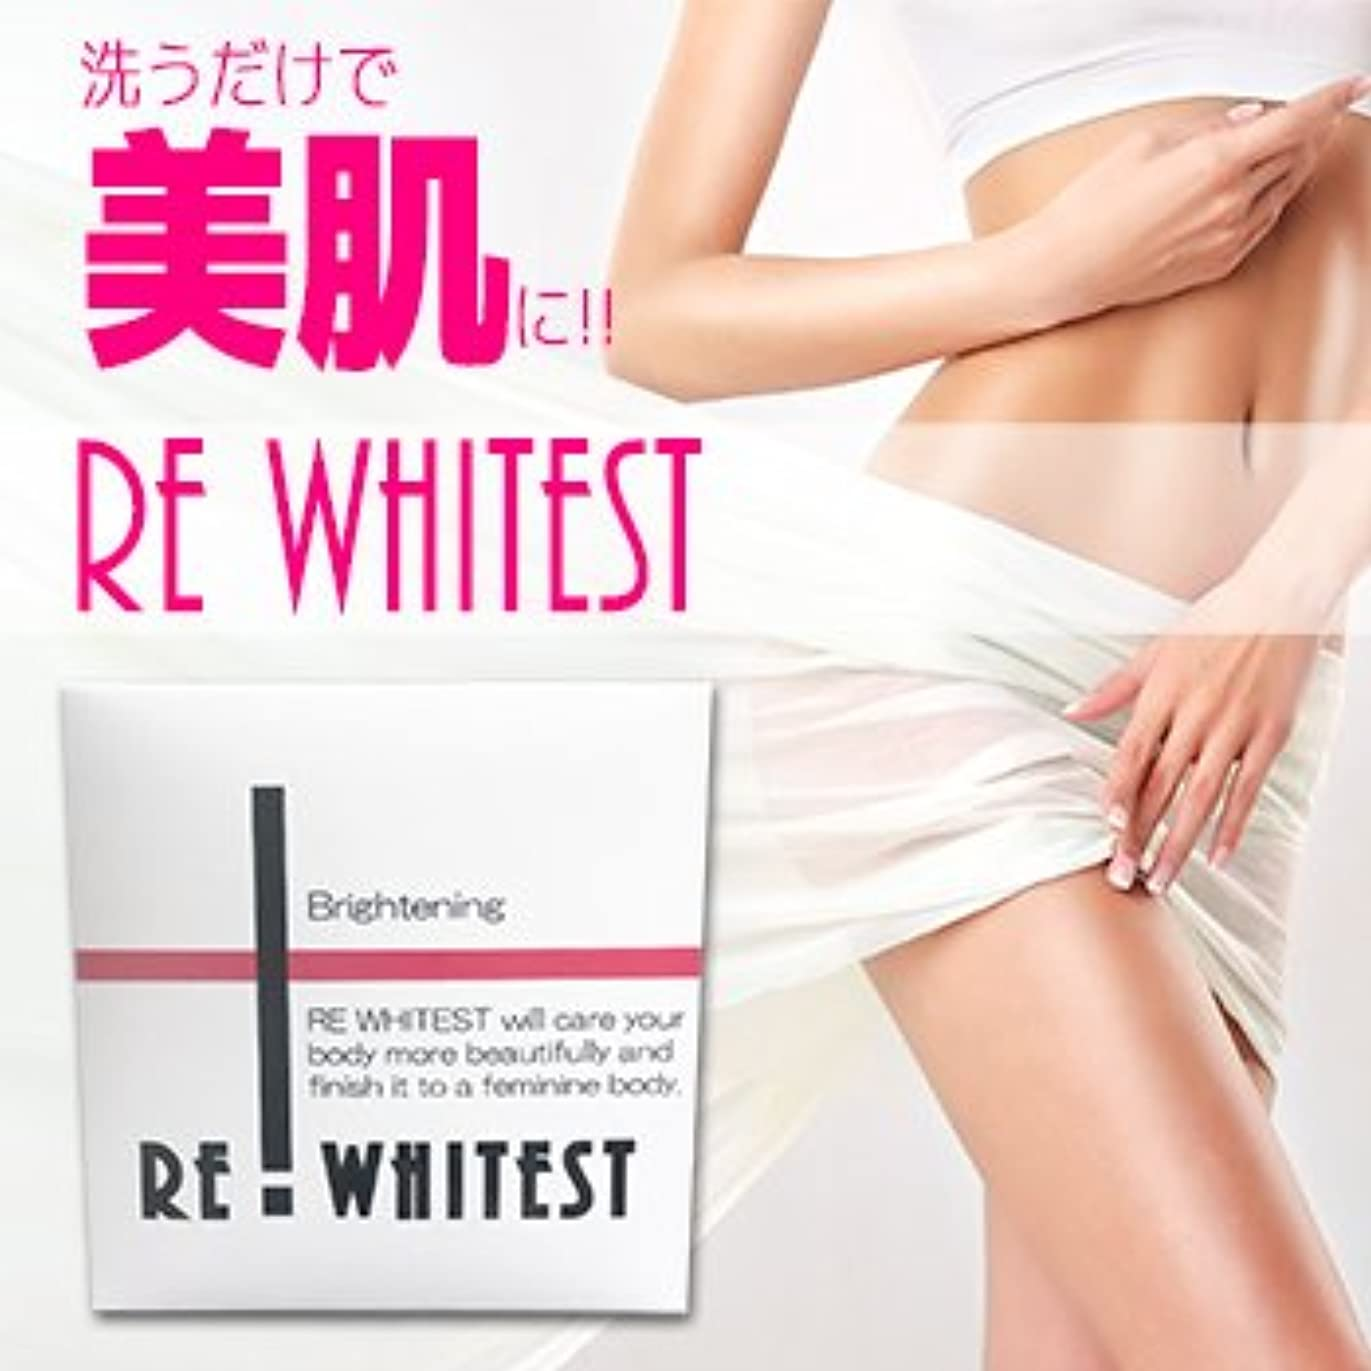 上級プレゼンテーションドループパパイン+イソフラボン配合女性用美肌石鹸 REWHITEST-リホワイテスト-